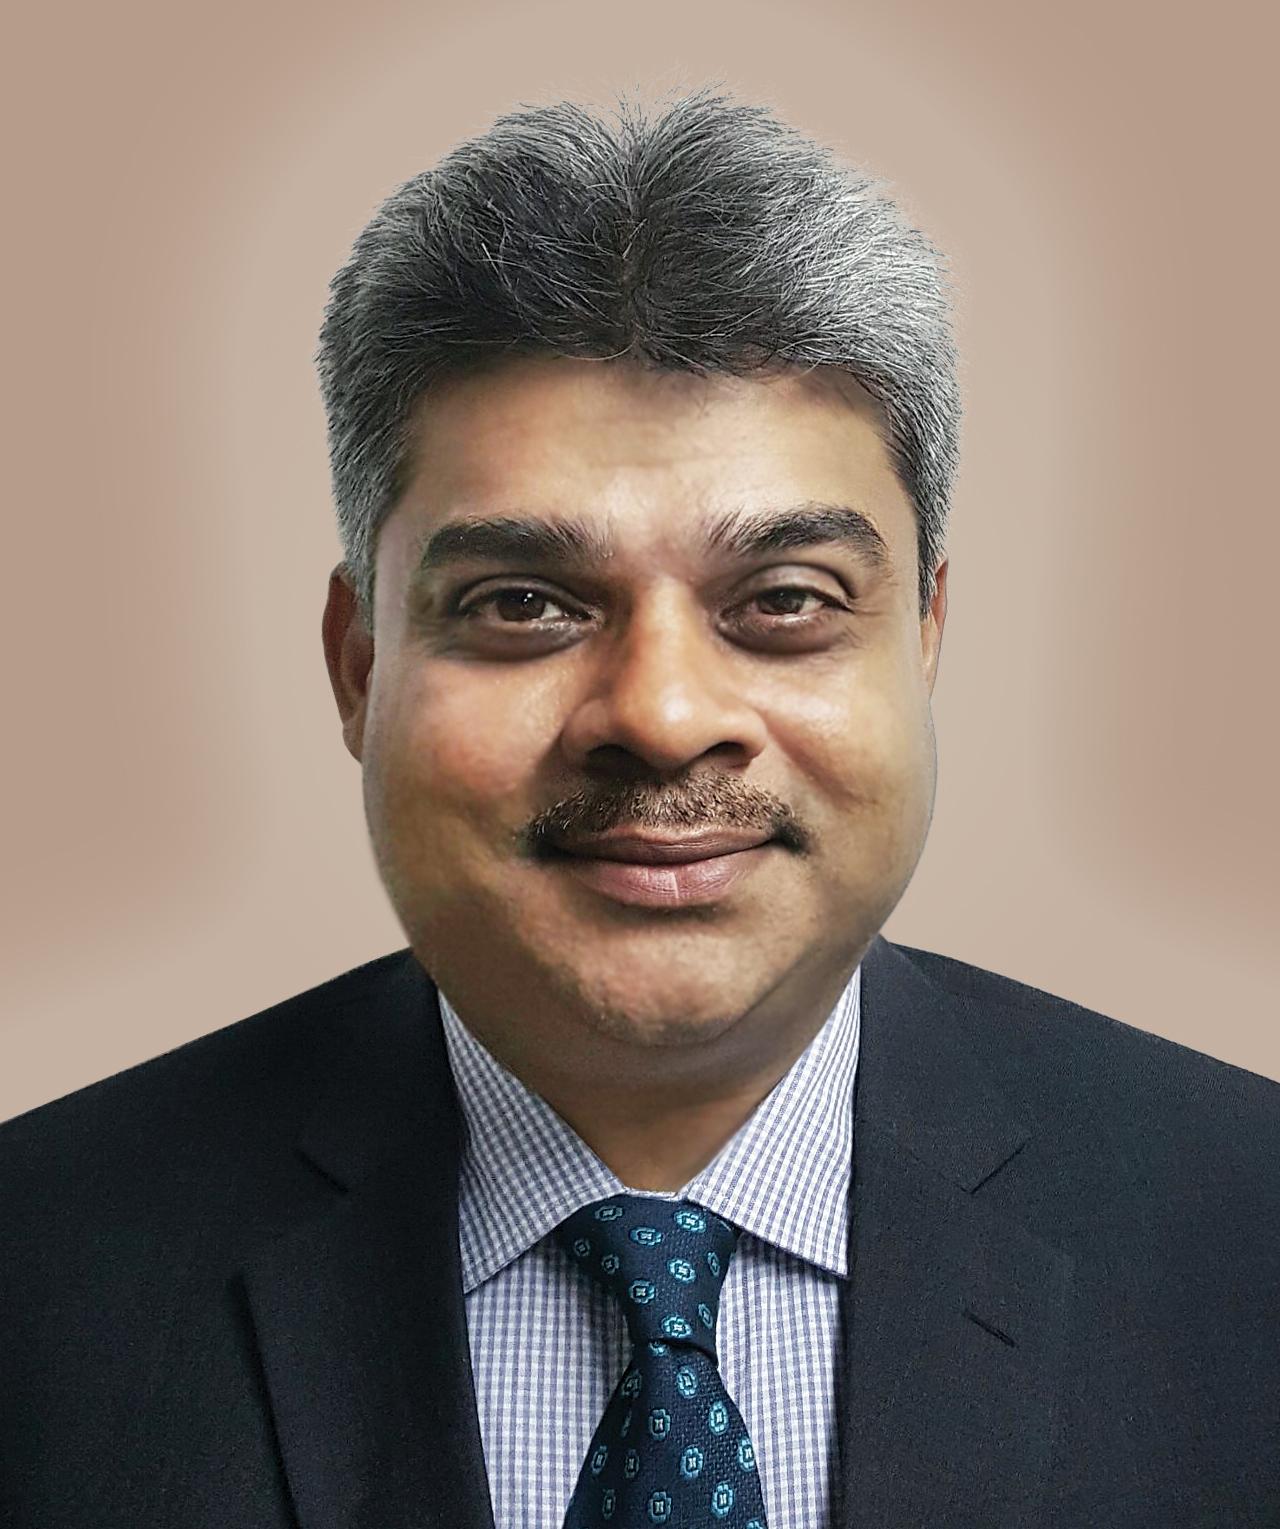 निप्पॉन इंडिया म्यूचुअल फ़ंड ने निप्पॉन इंडिया फ्लेक्सी कैप फ़ंड को लॉन्च किया